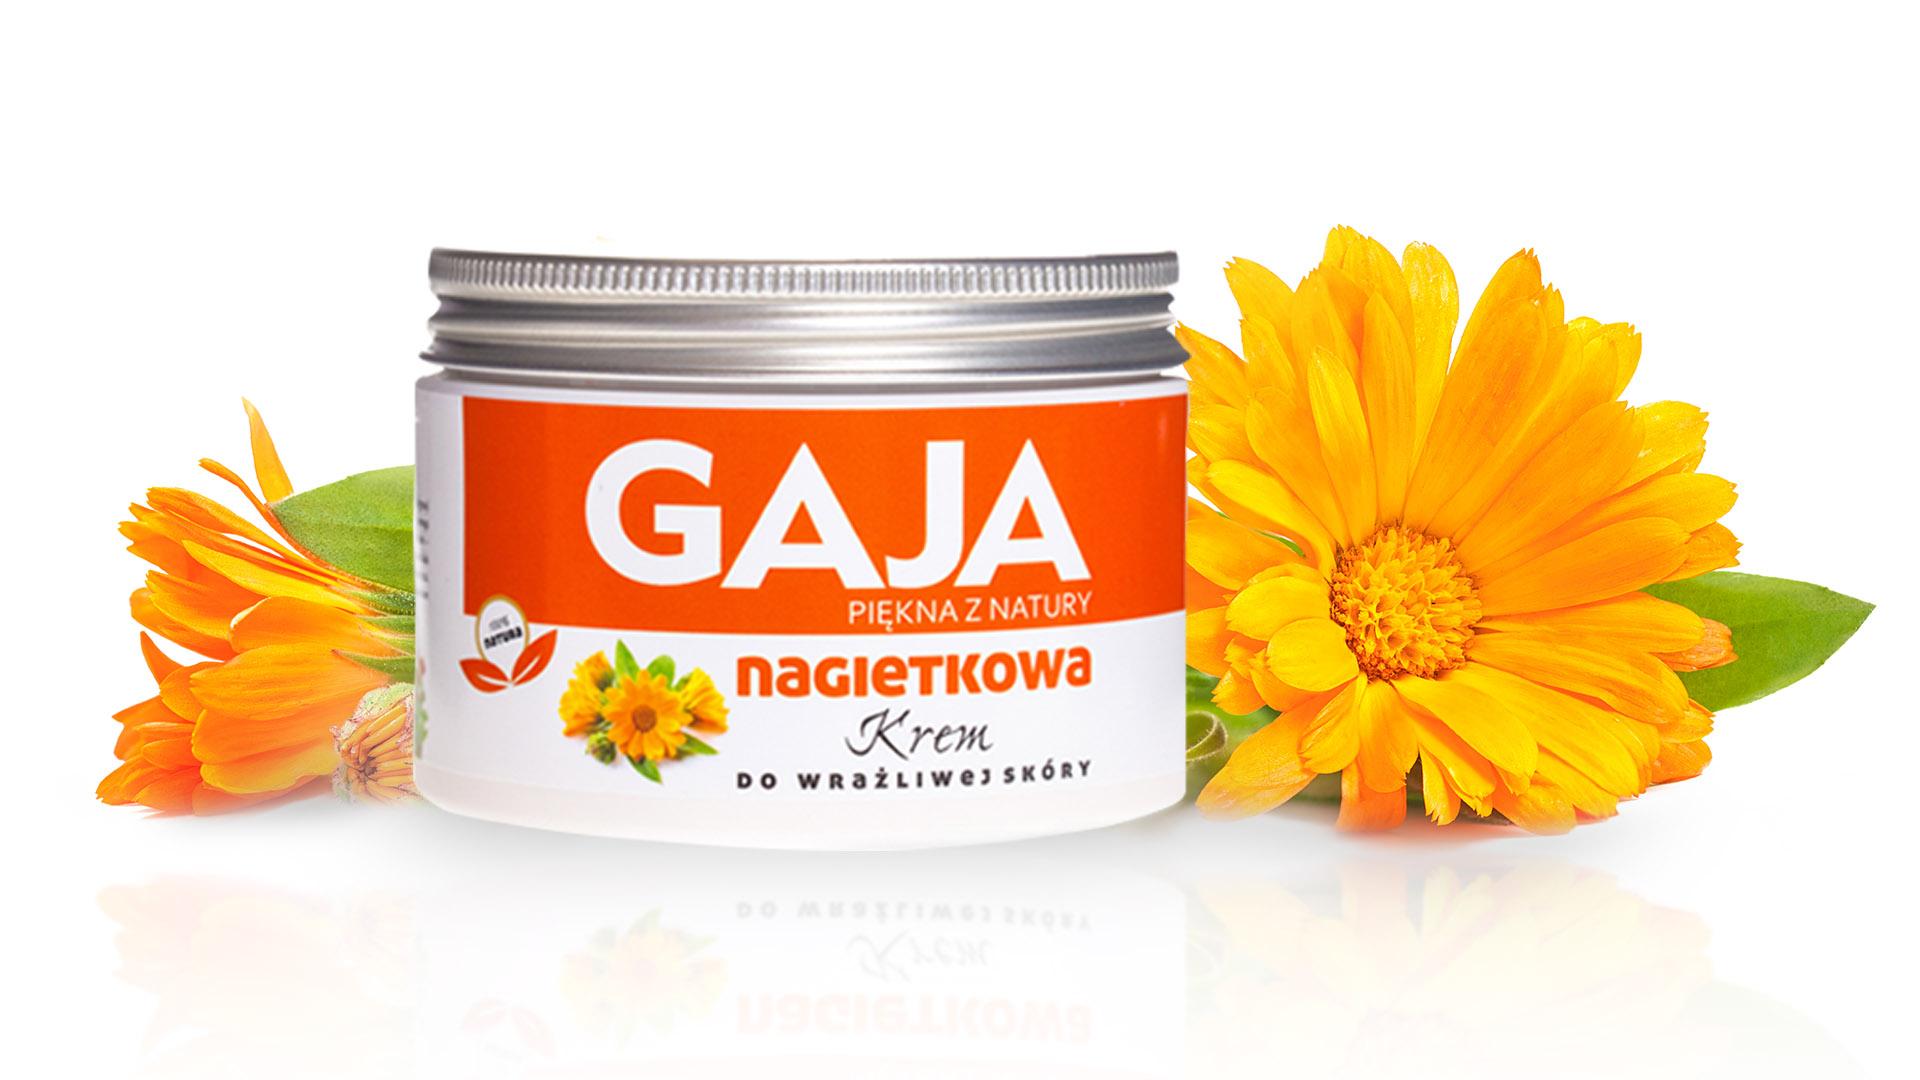 krem Gaia nagietkowa